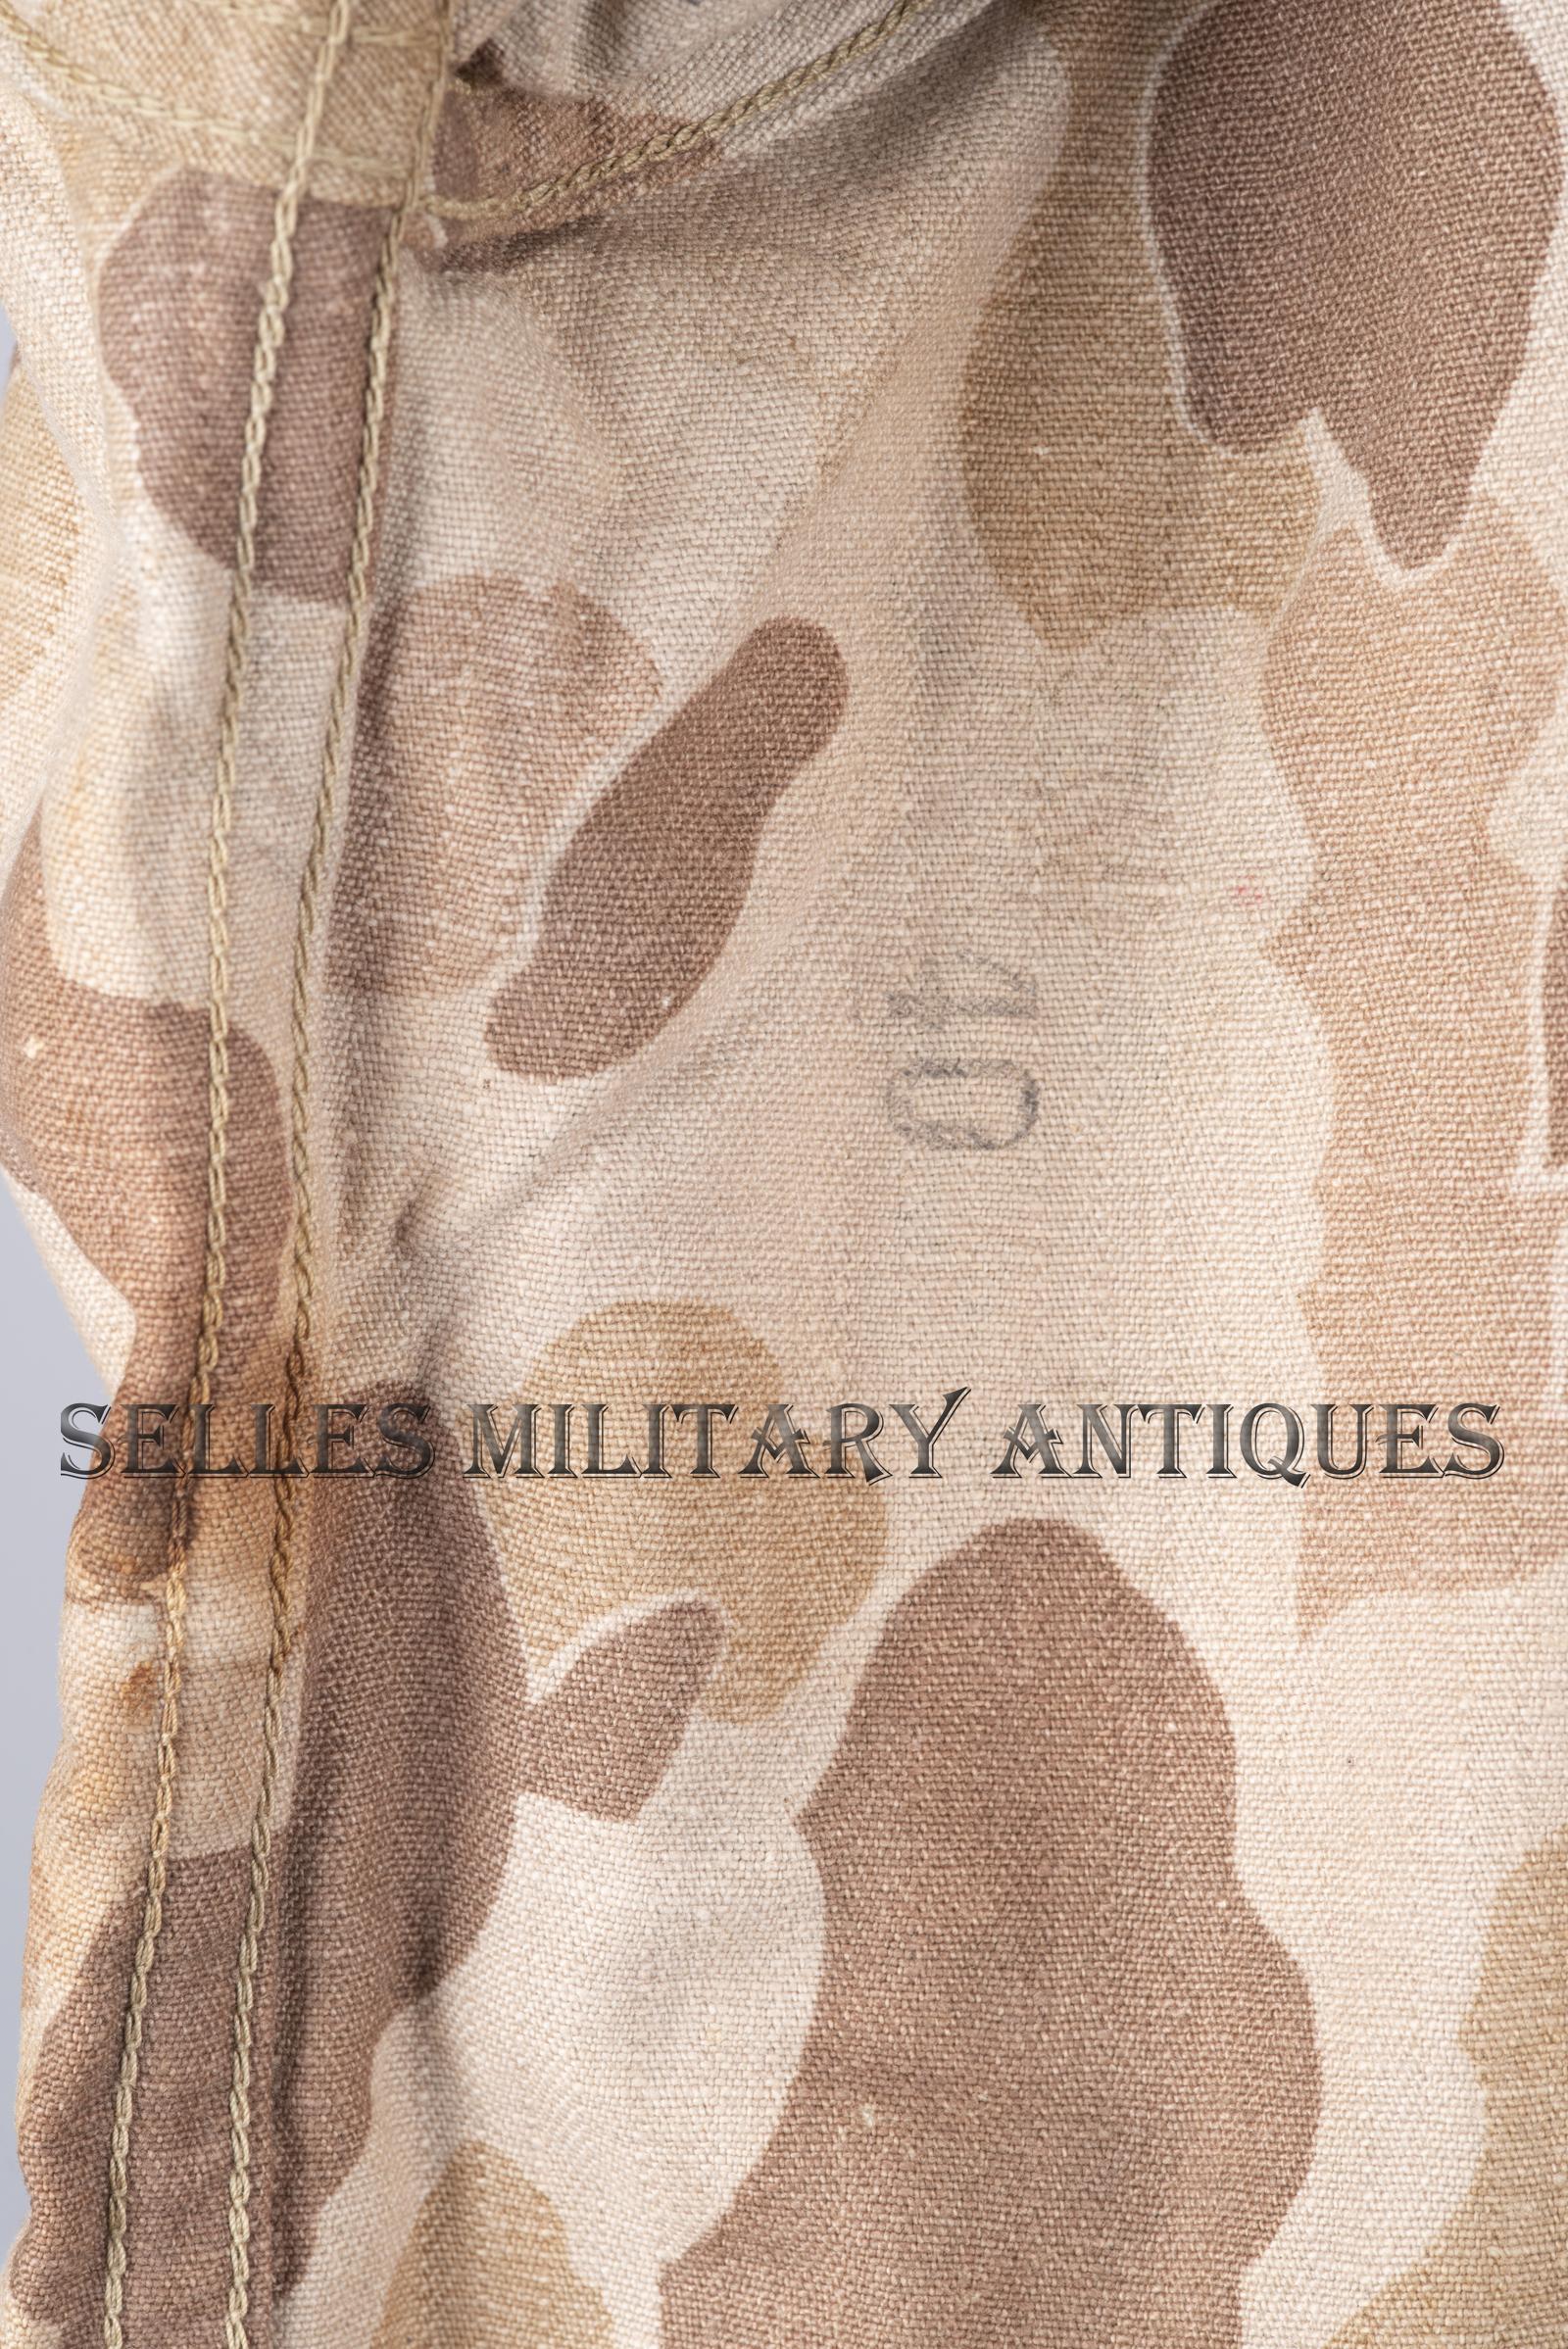 Camouflée P Military Veste Antiques 44 Usmc Selles Hbt PTxxwq56